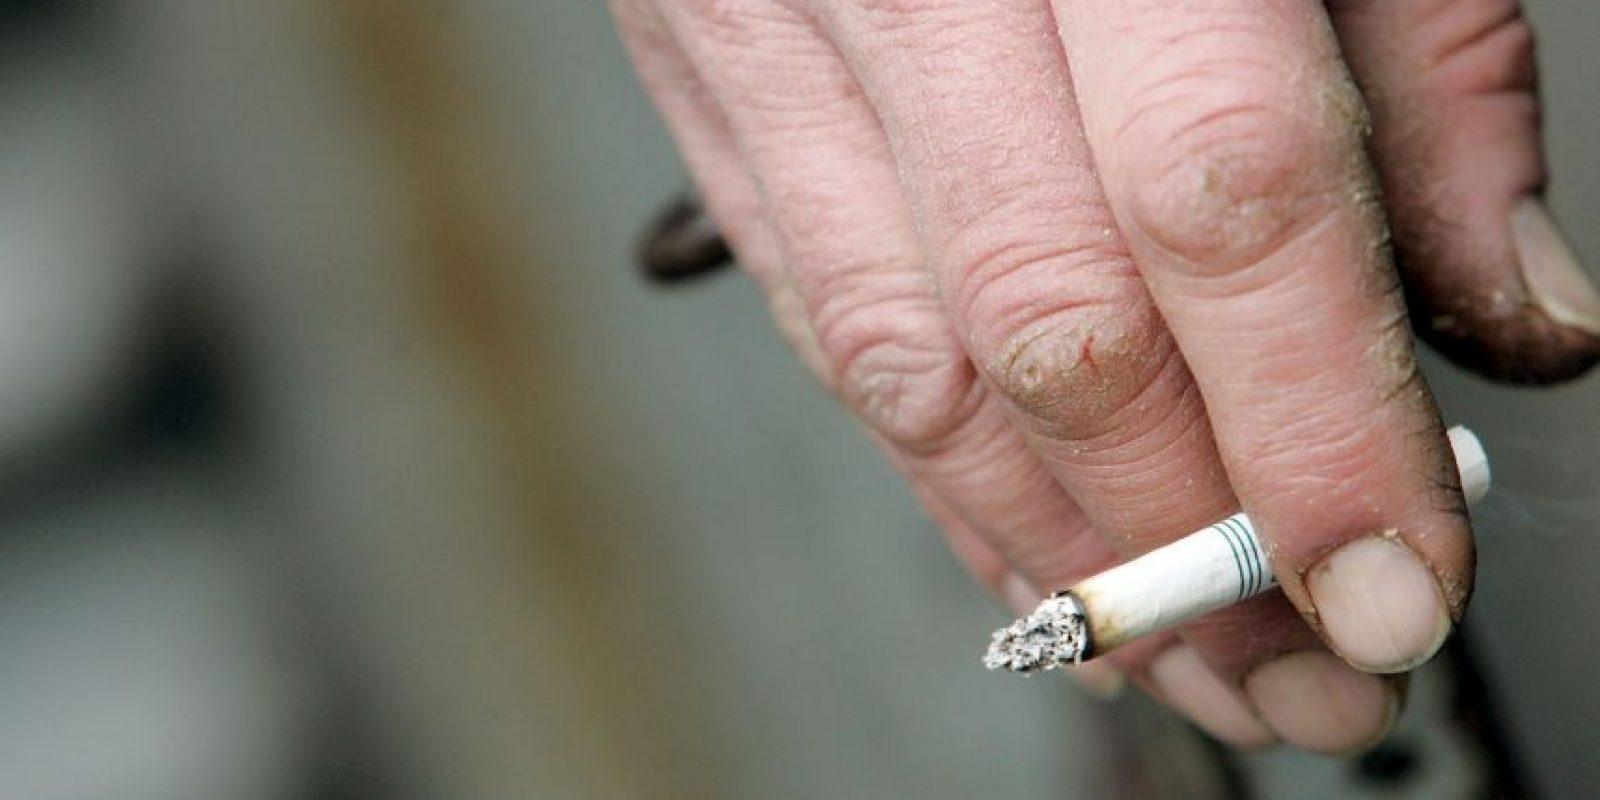 Con el propósito de disminuir el número de consumidores de tabaco y reducir las enfermedades y muertes que se registran cada año a consecuencia del cigarrillo, múltiples países han impuesto restricciones para fumar. Foto:Getty Images